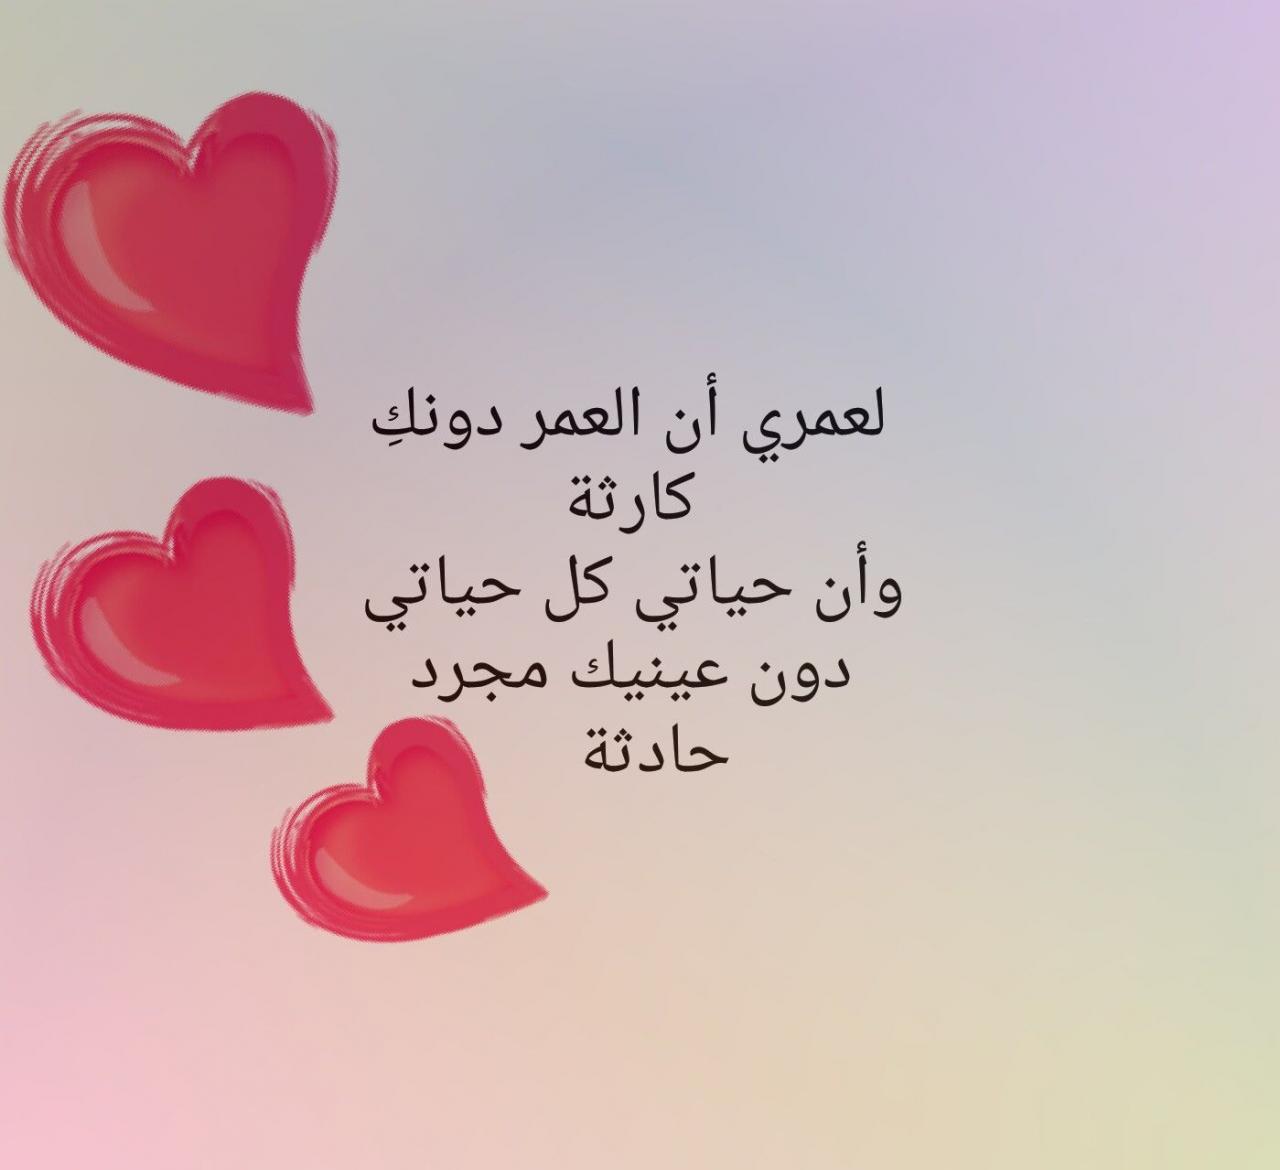 صورة كلام عن الحب الجميل , عبارة قولها لحبيبك